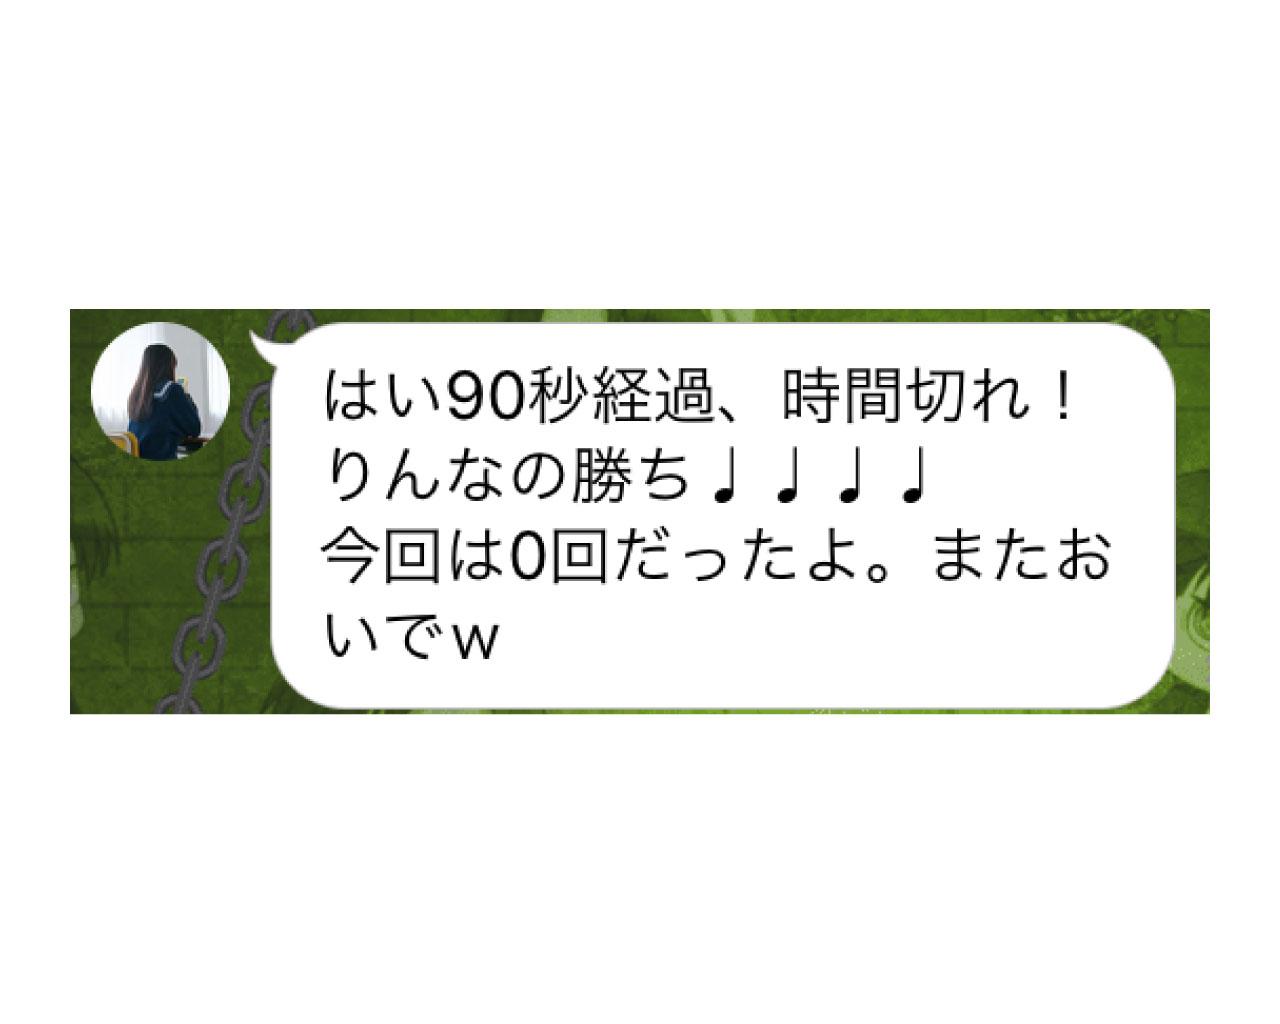 ms-rinna-shiritori-japanese-word-chain-game-6